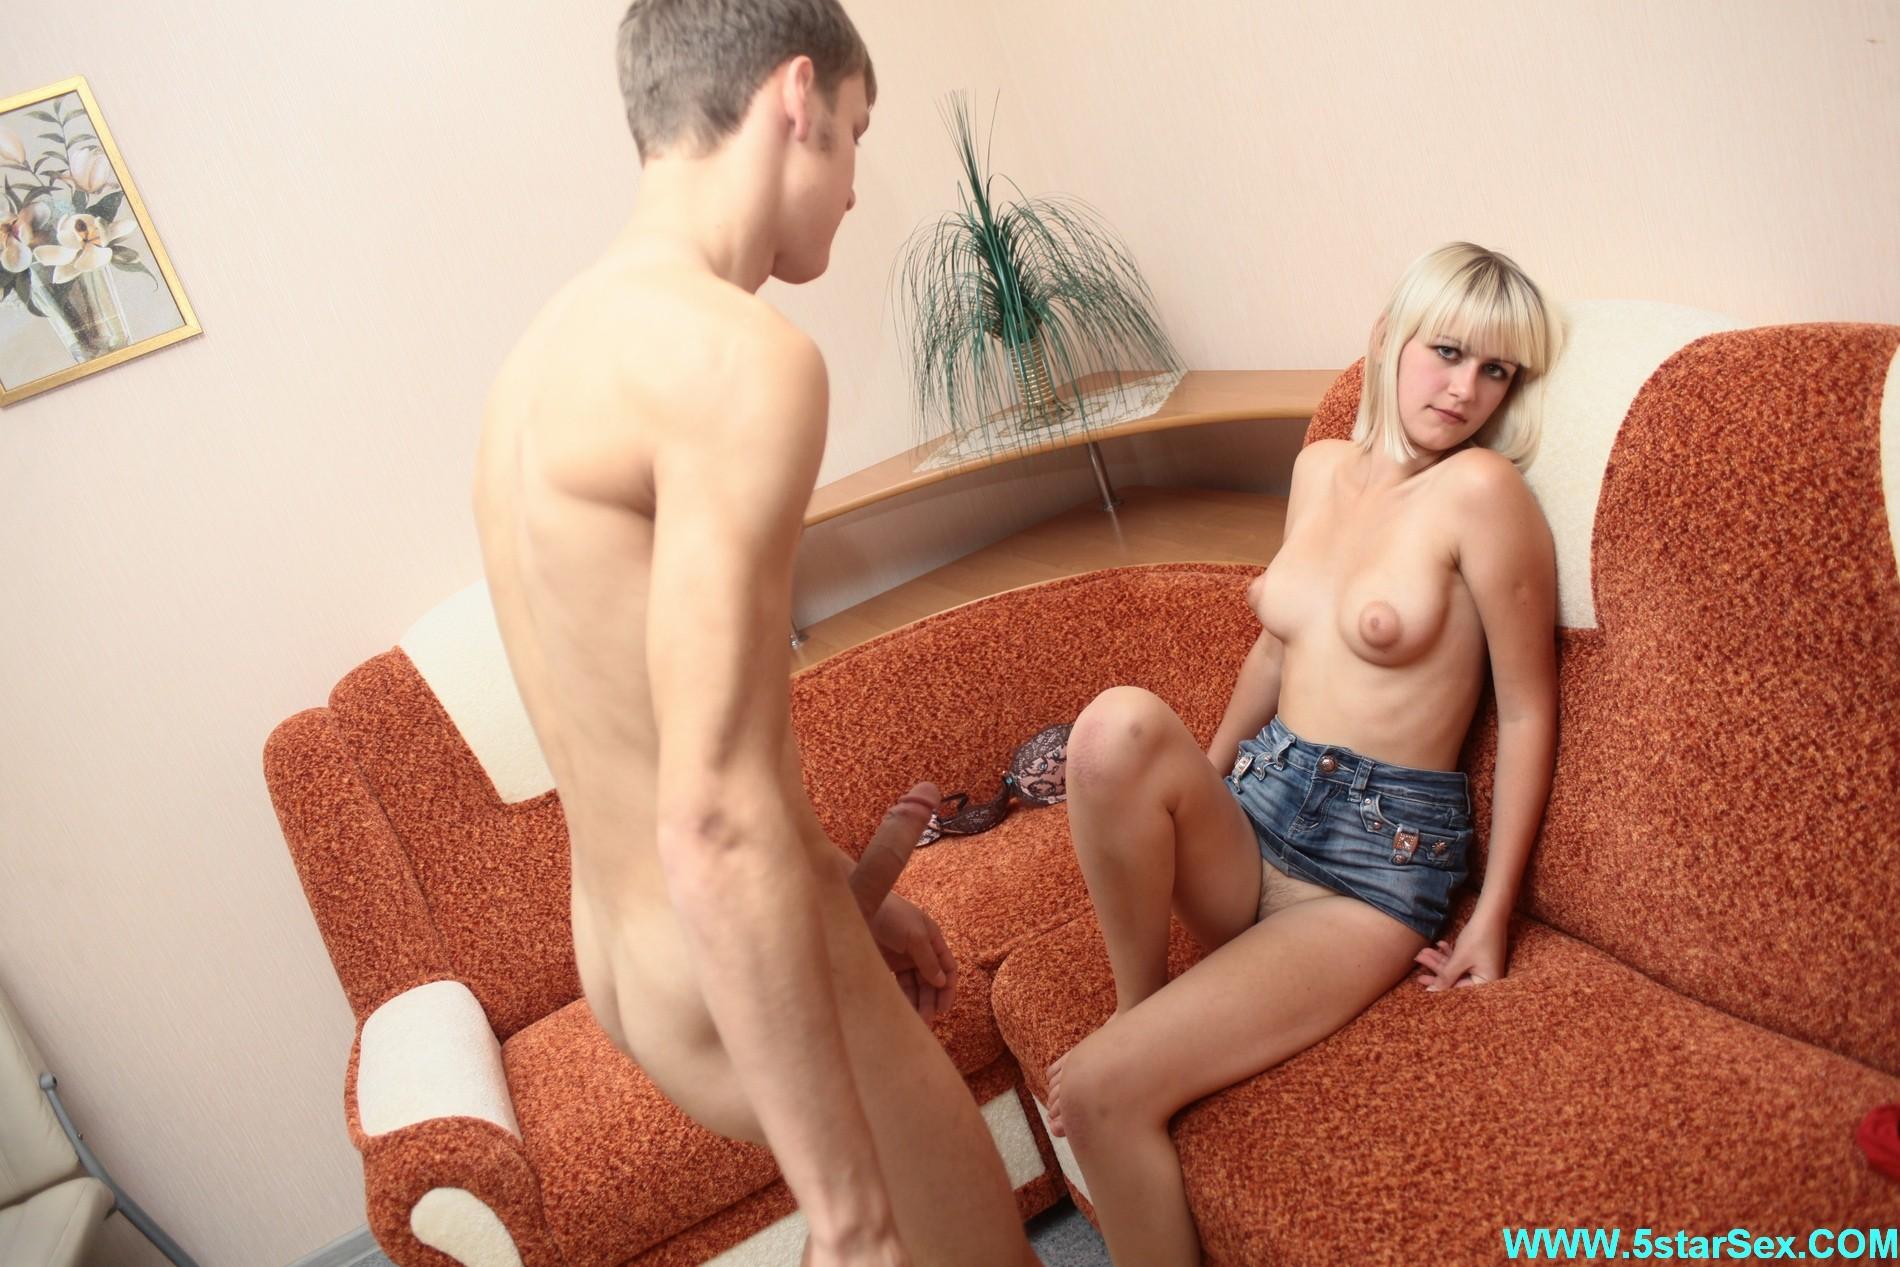 Пара трахается на диване, пробуя все новое, пока родителей парня нет дома, блондинка хорошо сосет его хер